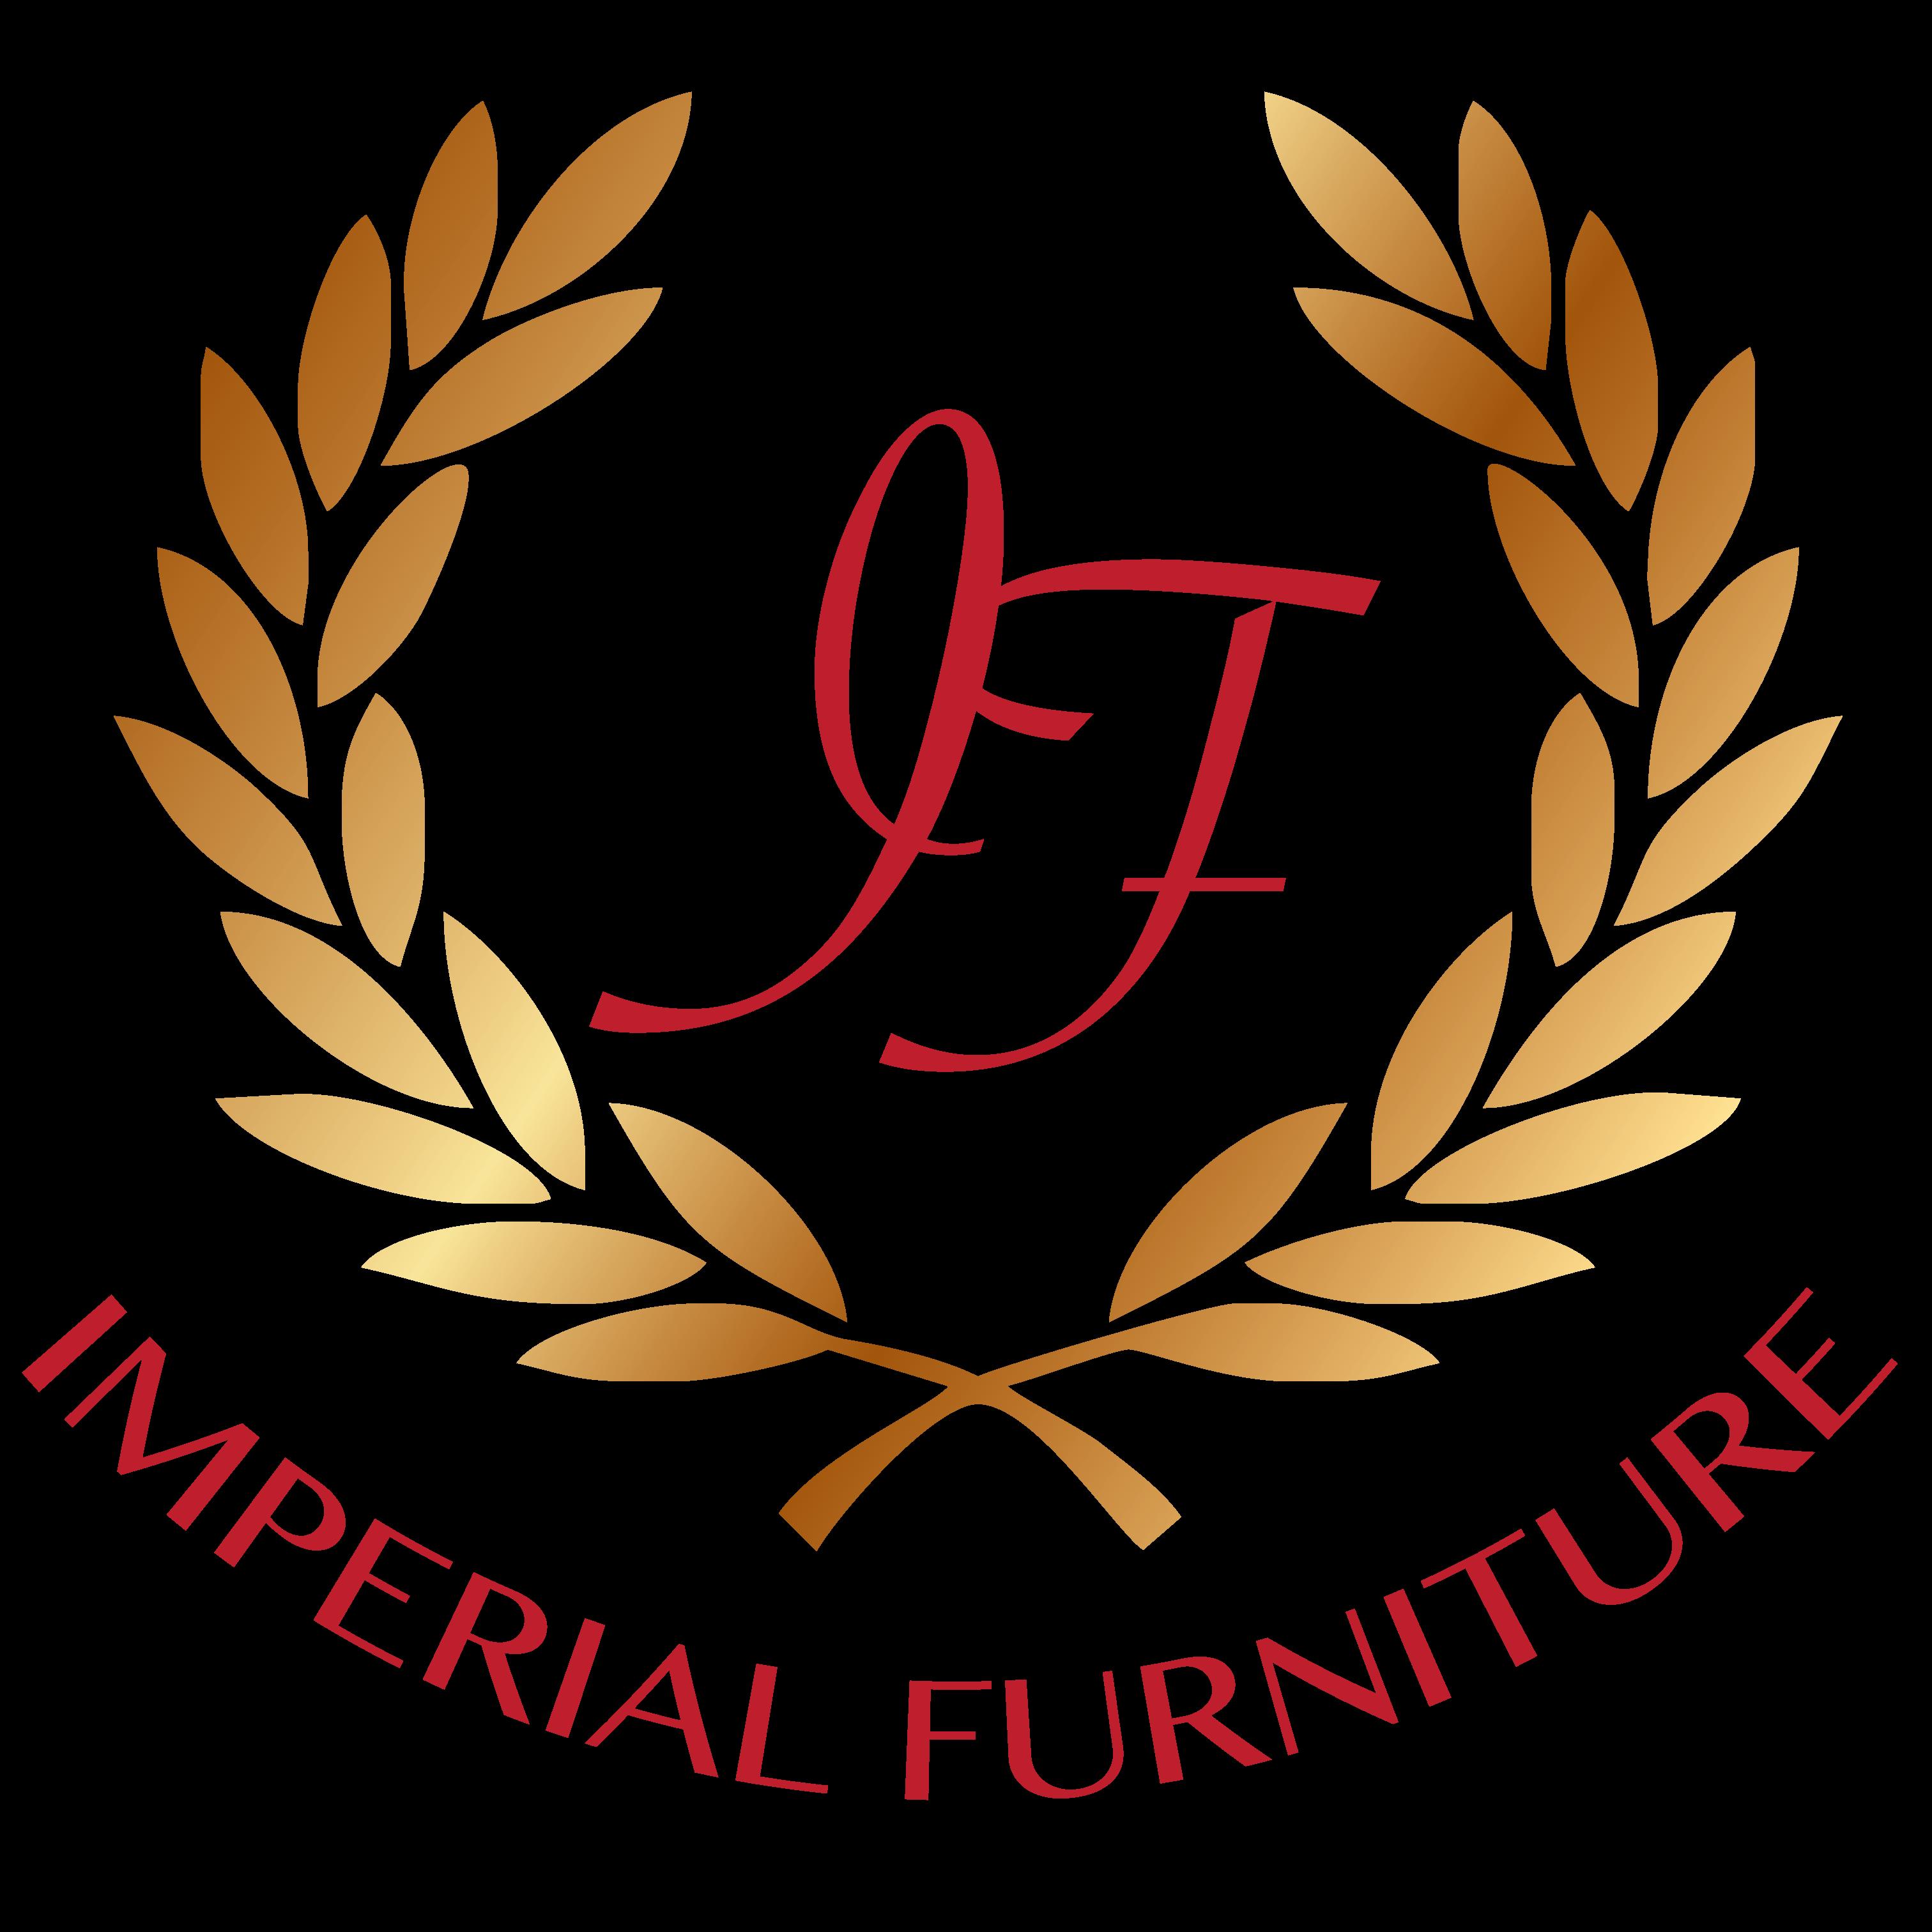 Imperial Furniture Las Vegas Nevada Nv Localdatabase Com